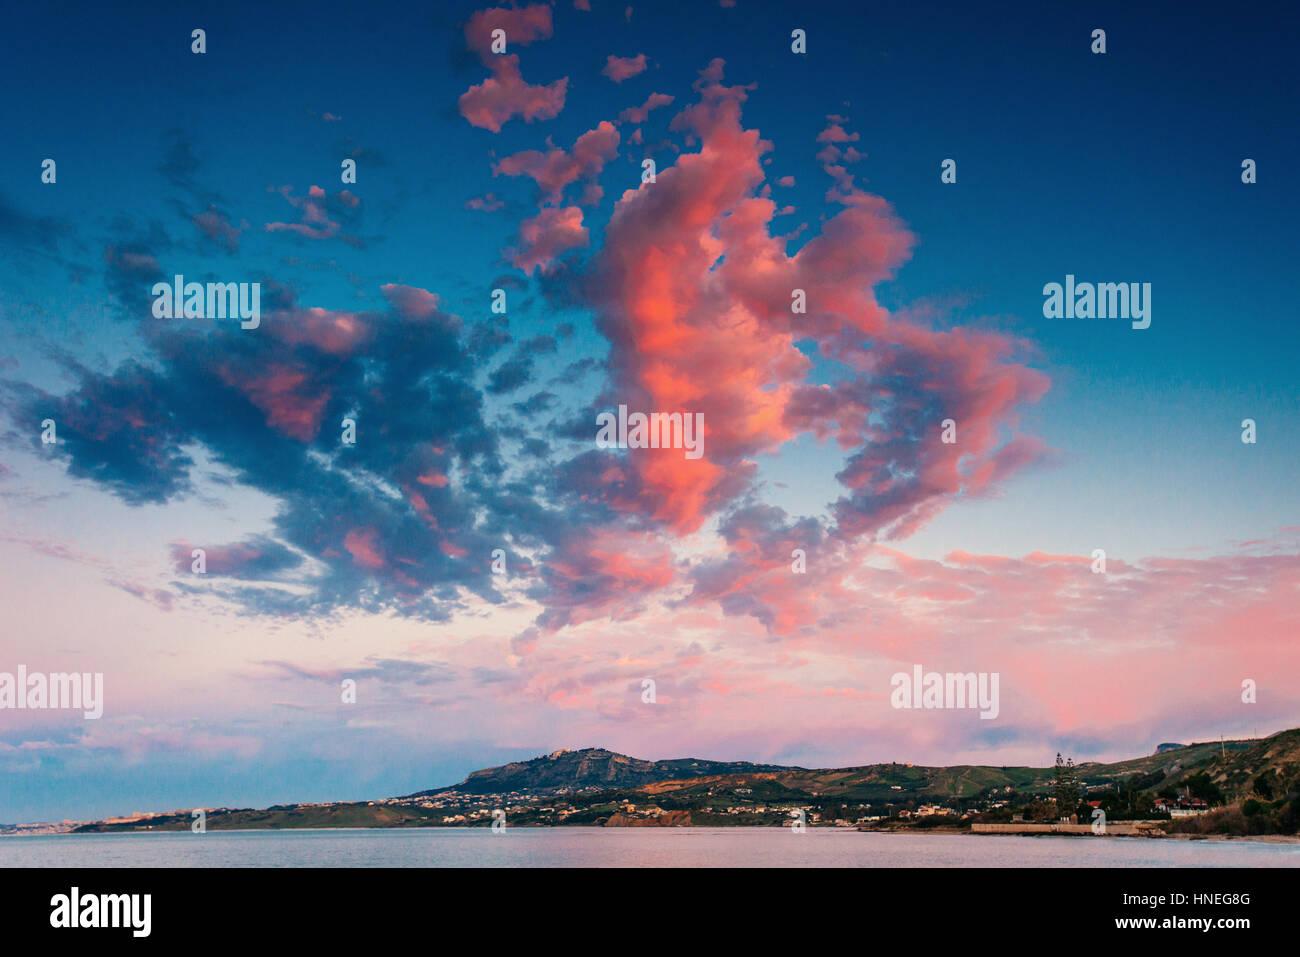 La molla panorama della costa del mare città Trapany. Sicilia Italia Europa Immagini Stock